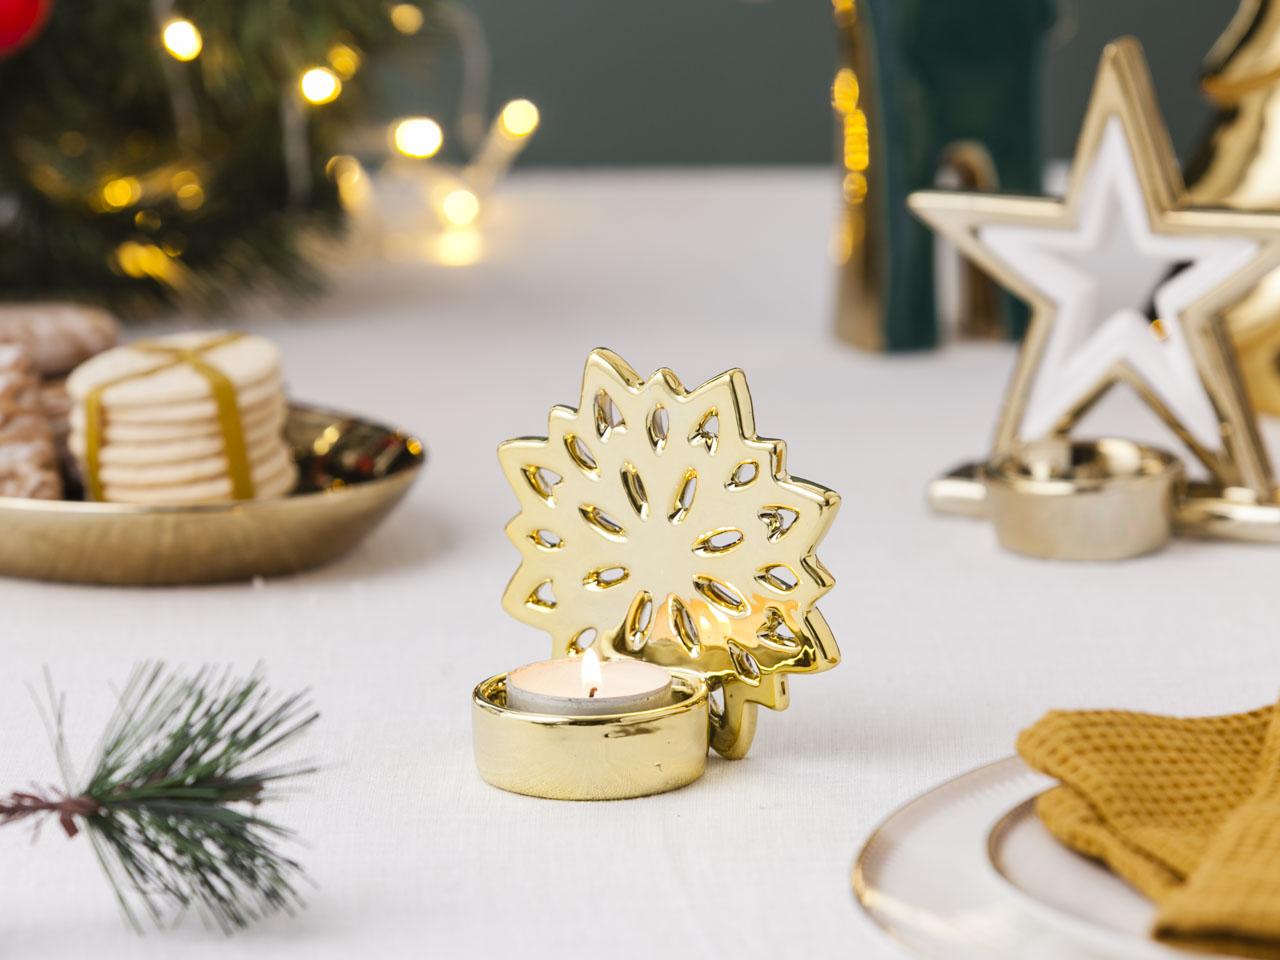 Świecznik / dekoracja świąteczna Boże Narodzenie Altom Design śnieżynka 10x6x9,5 cm